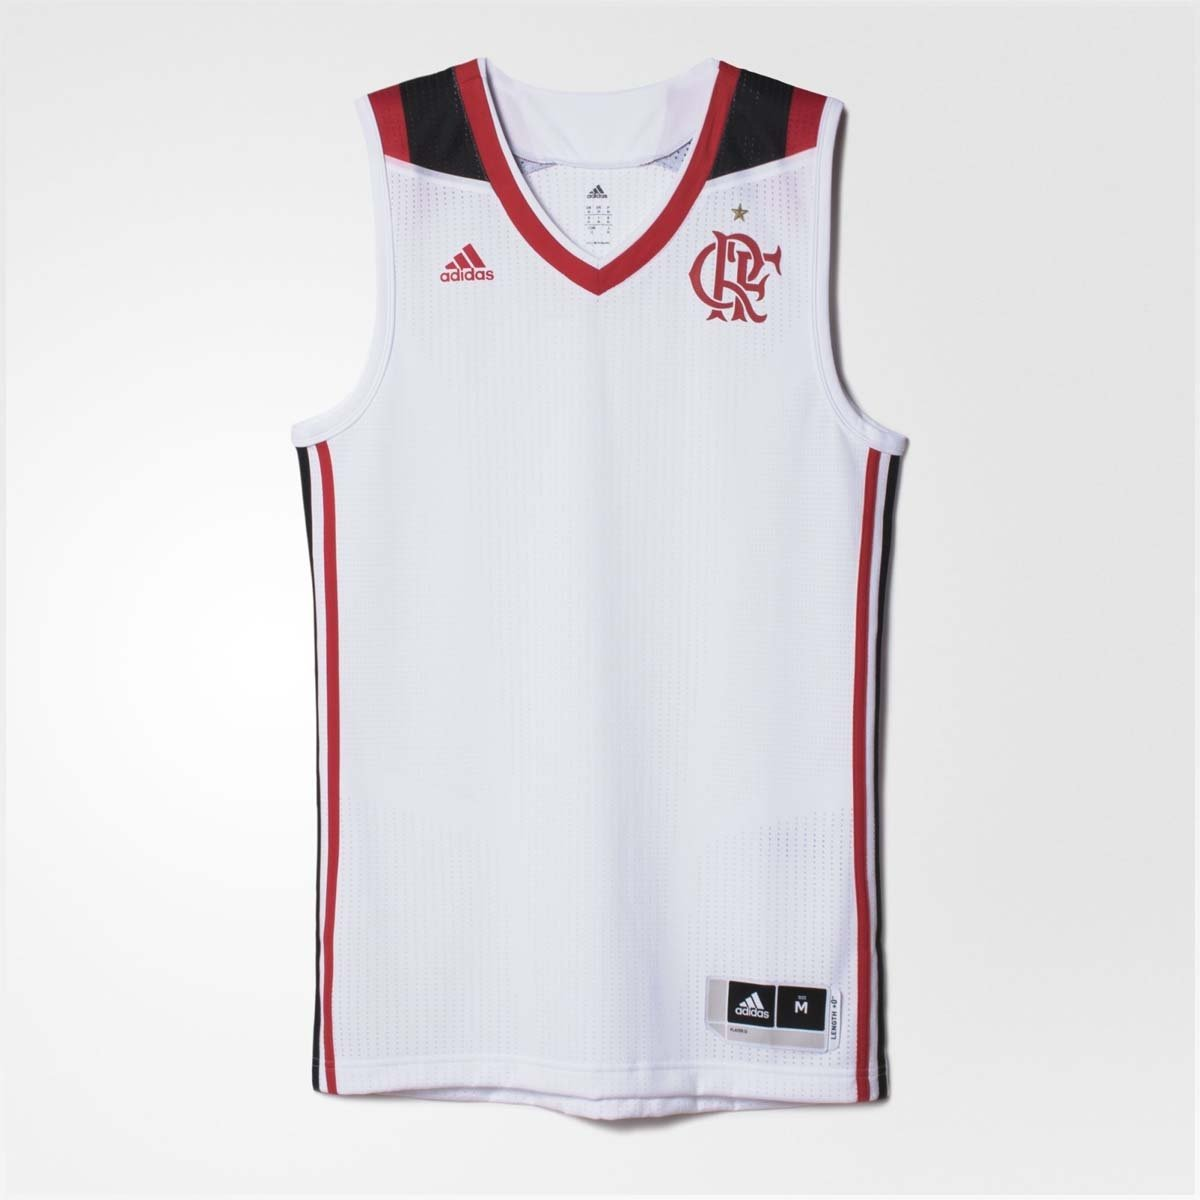 99a26616bc camiseta regata flamengo basquete adidas promoção ai4776. Carregando zoom.